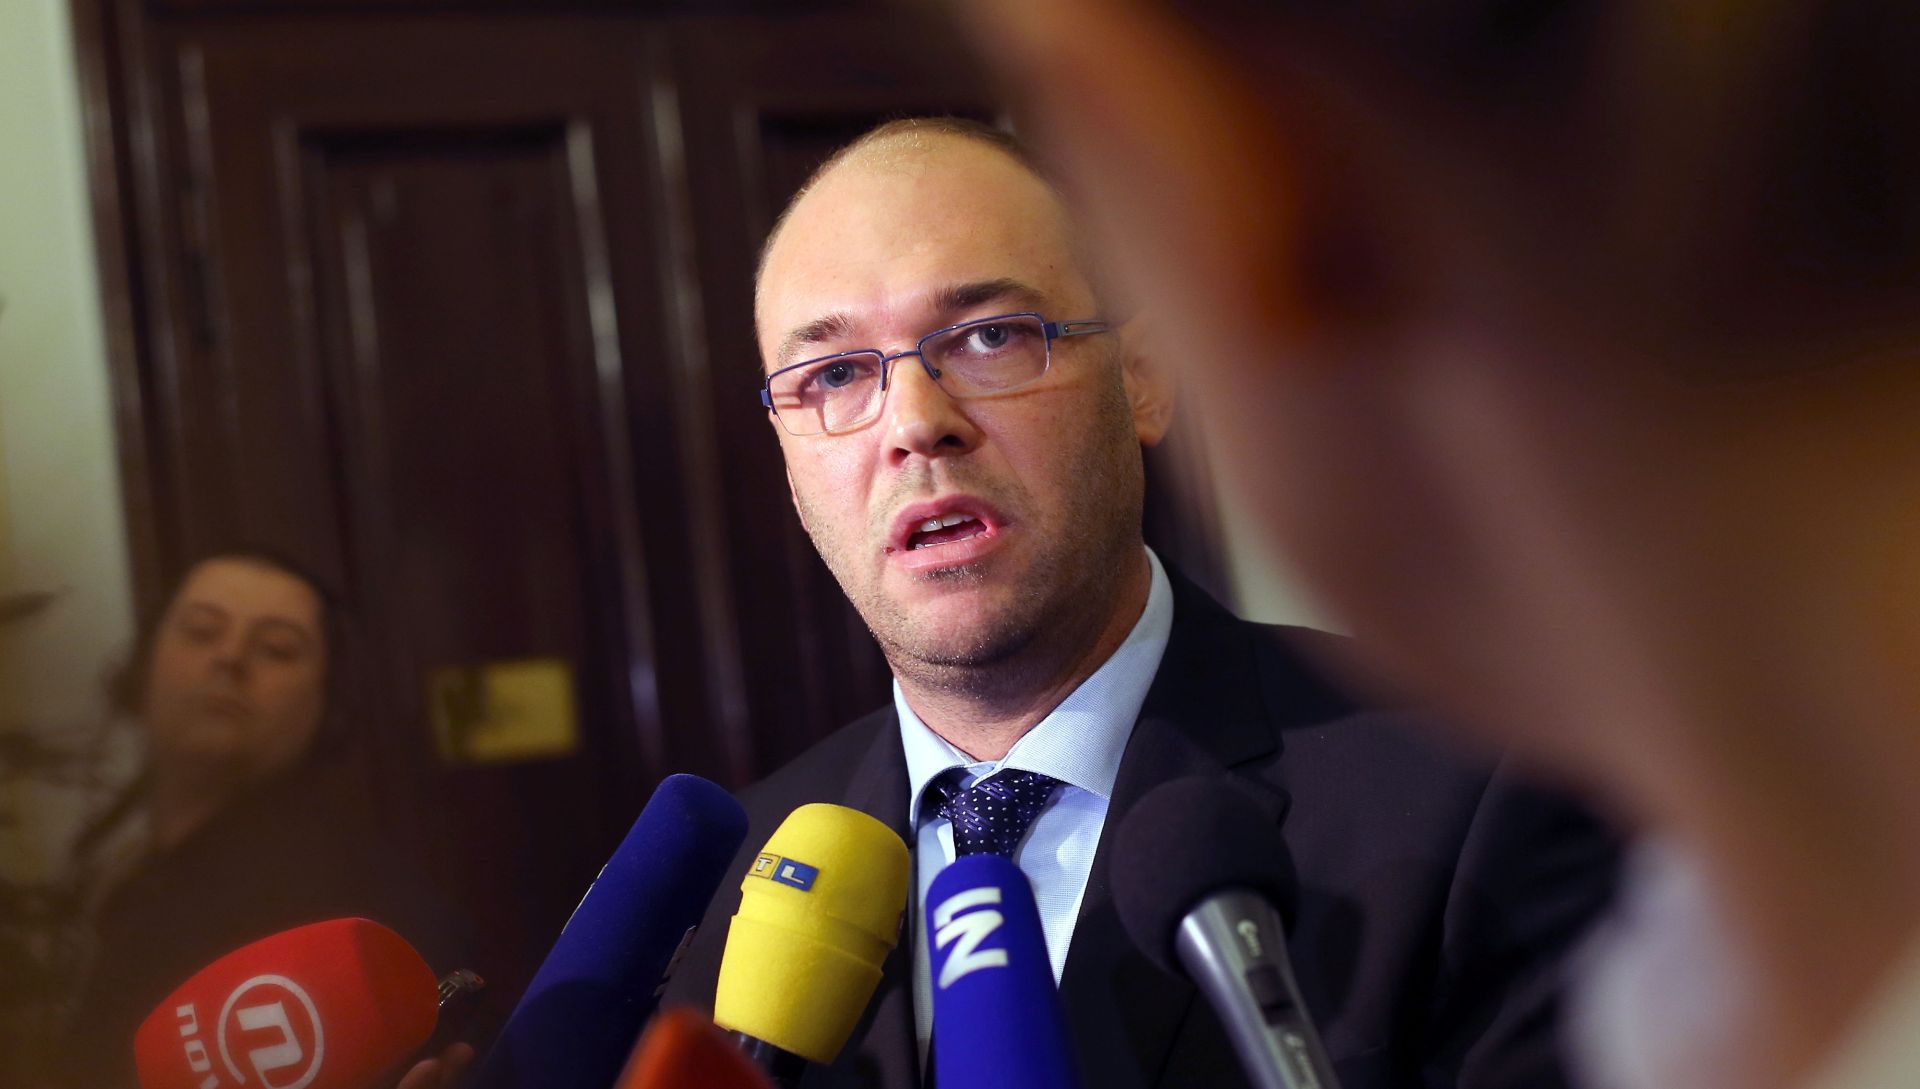 Stier na konferenciji Hrvatske paneuropske unije: Hrvatska nedvojbeno za proširenje EU-a